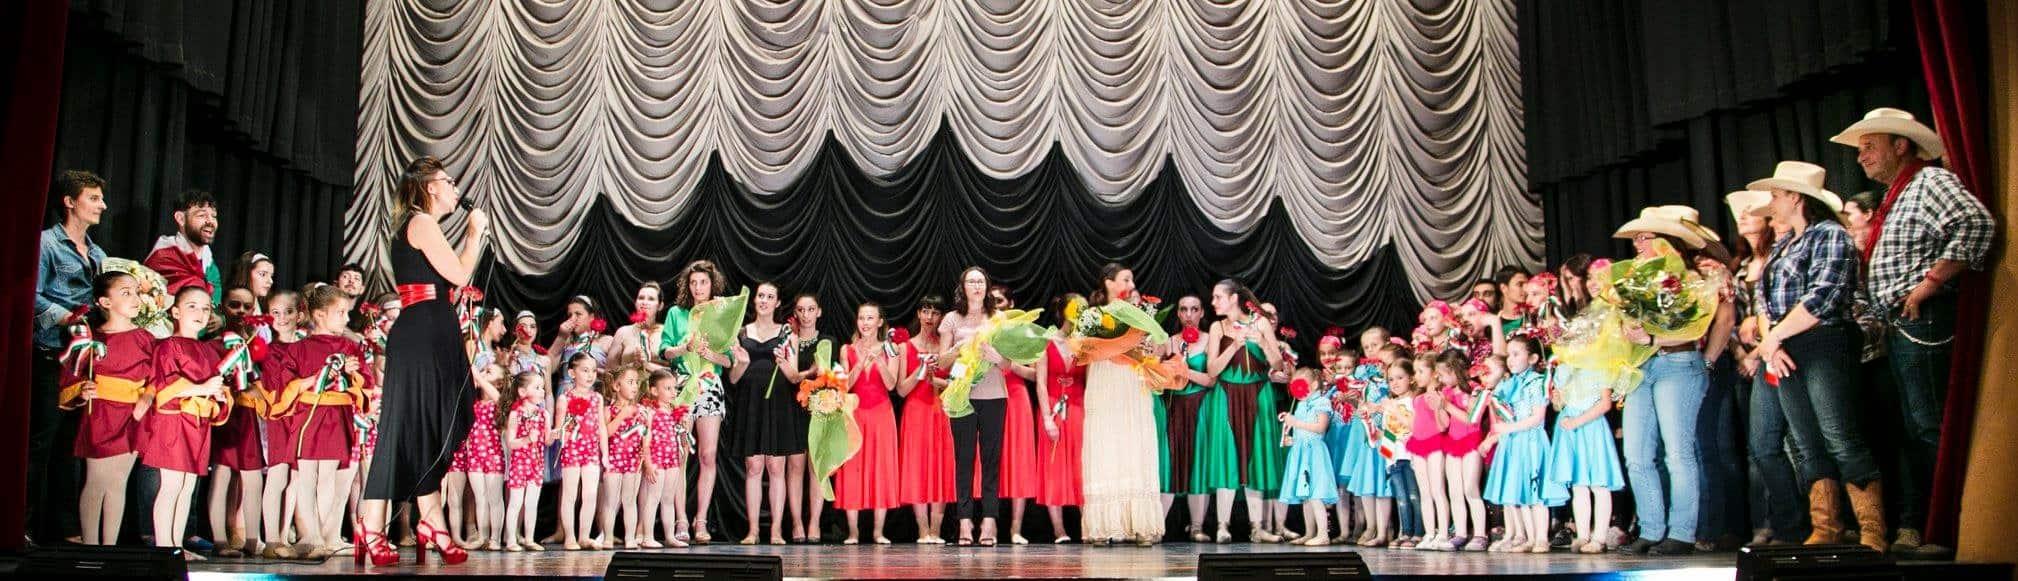 spettacolo-danza-pavia-federica-bacchetta-evento-gropello-pavia